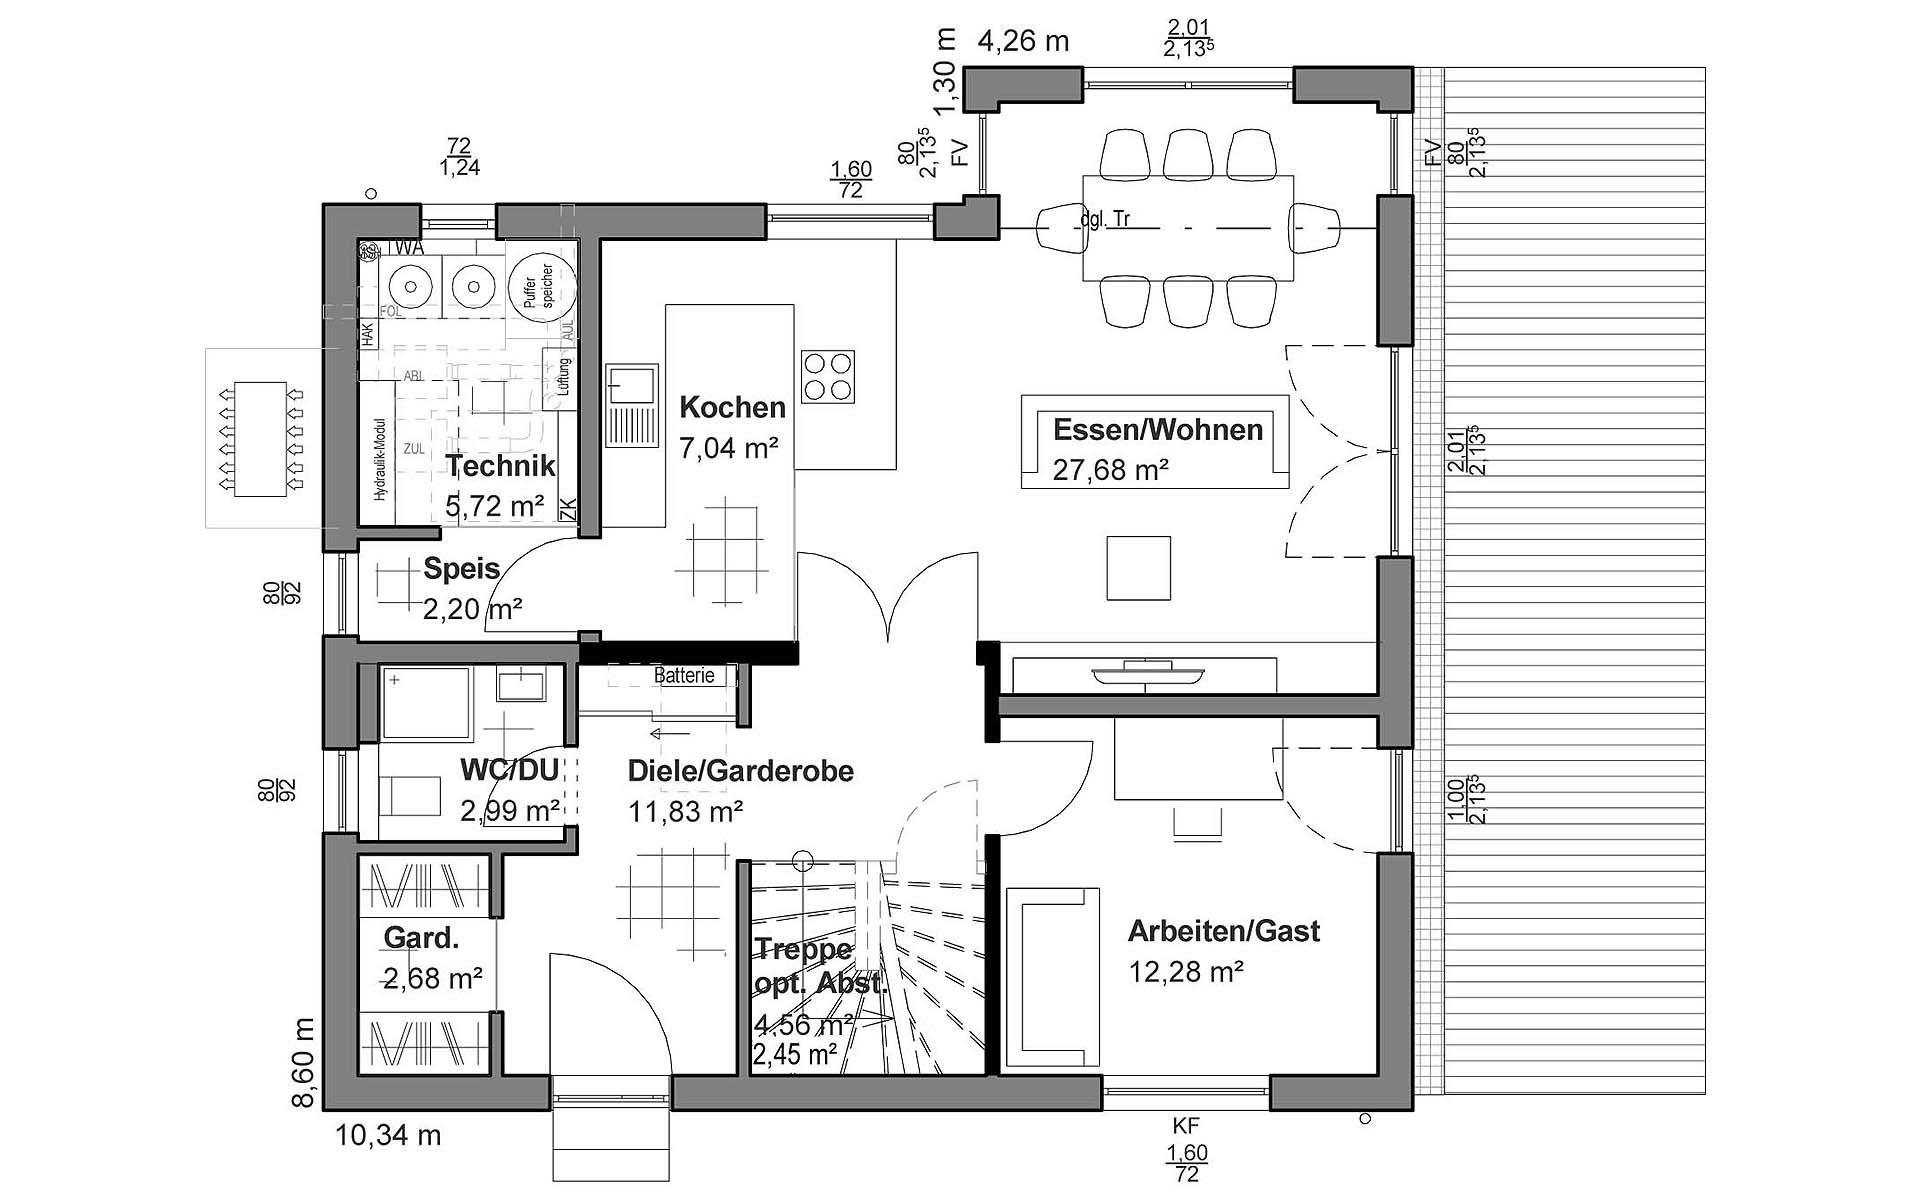 Erdgeschoss Flachdach M von LUXHAUS Vertrieb GmbH & Co. KG